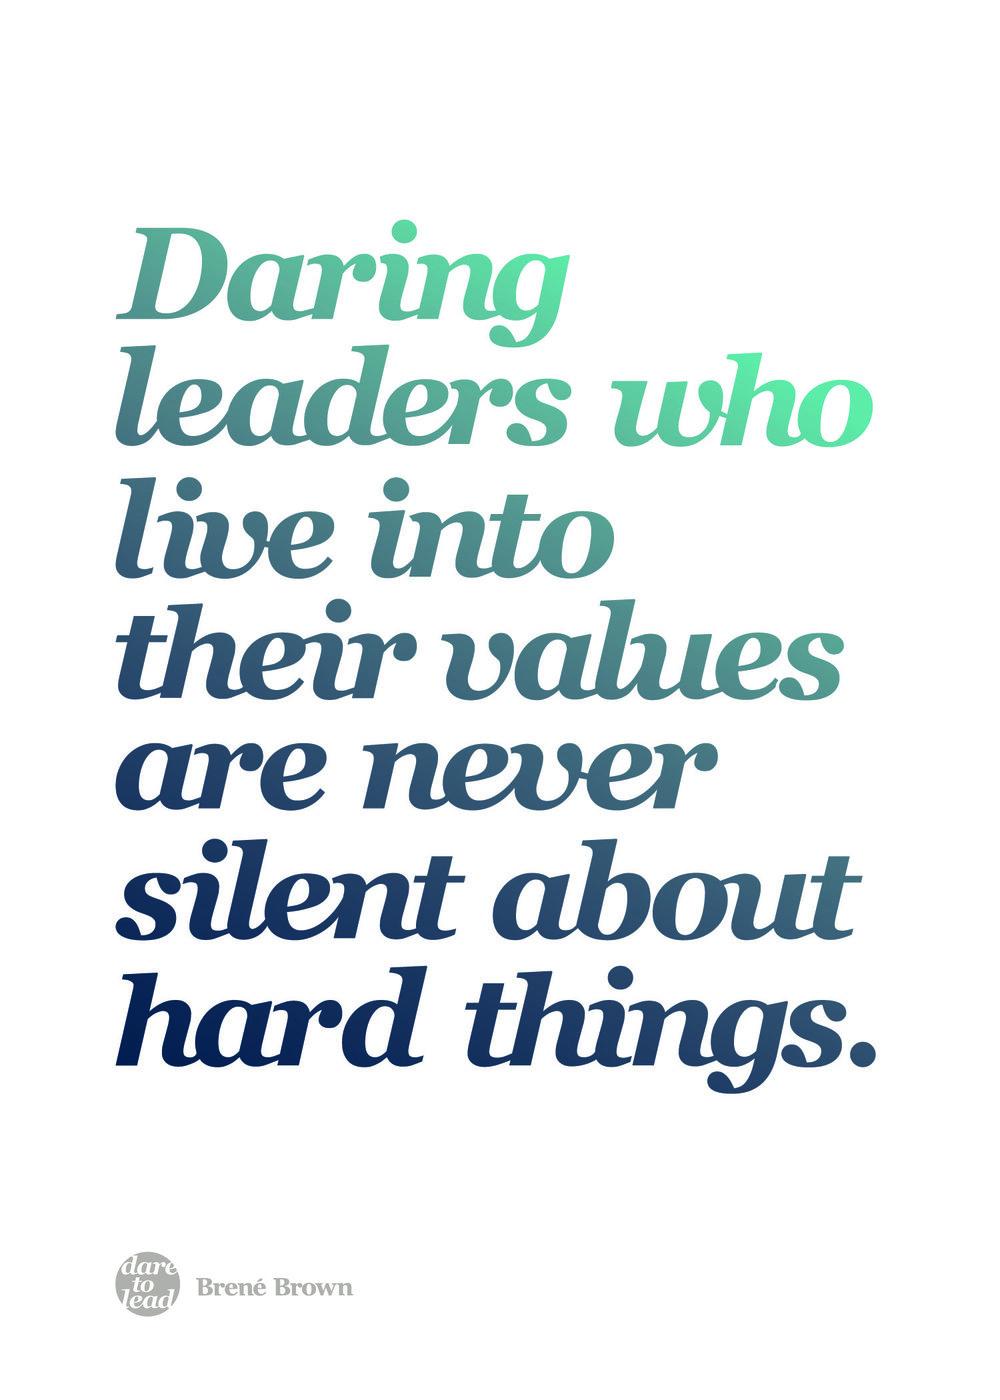 Art-Prints-Daring-leaders-who...jpg